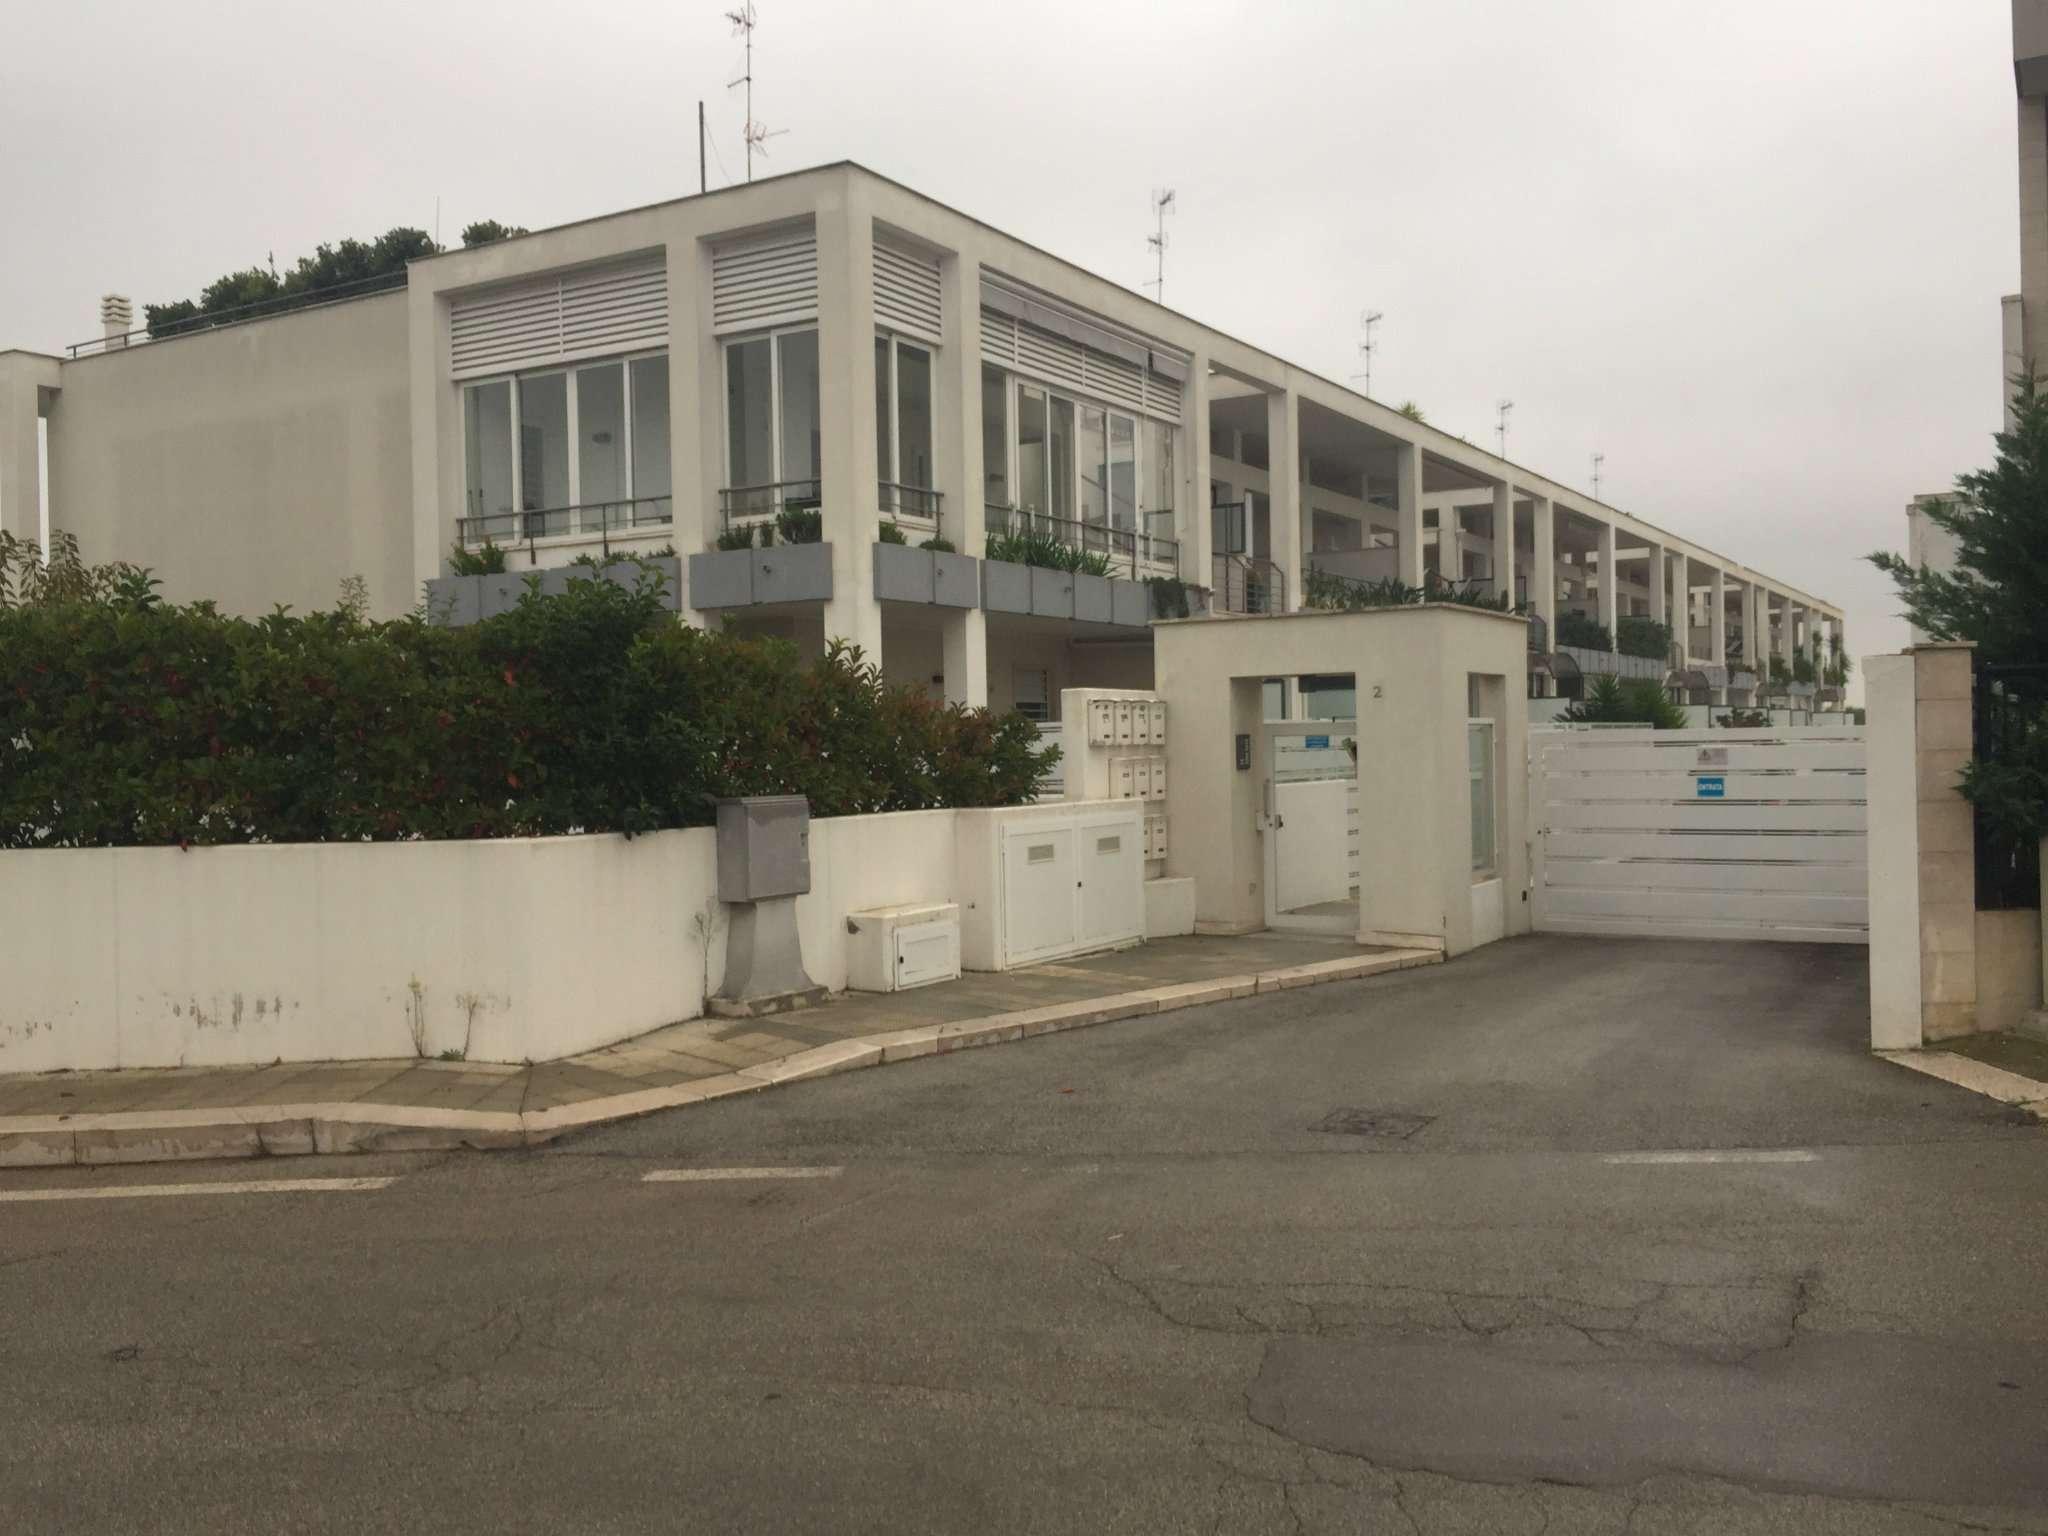 Appartamento in vendita a Modugno, 3 locali, prezzo € 290.000 | CambioCasa.it